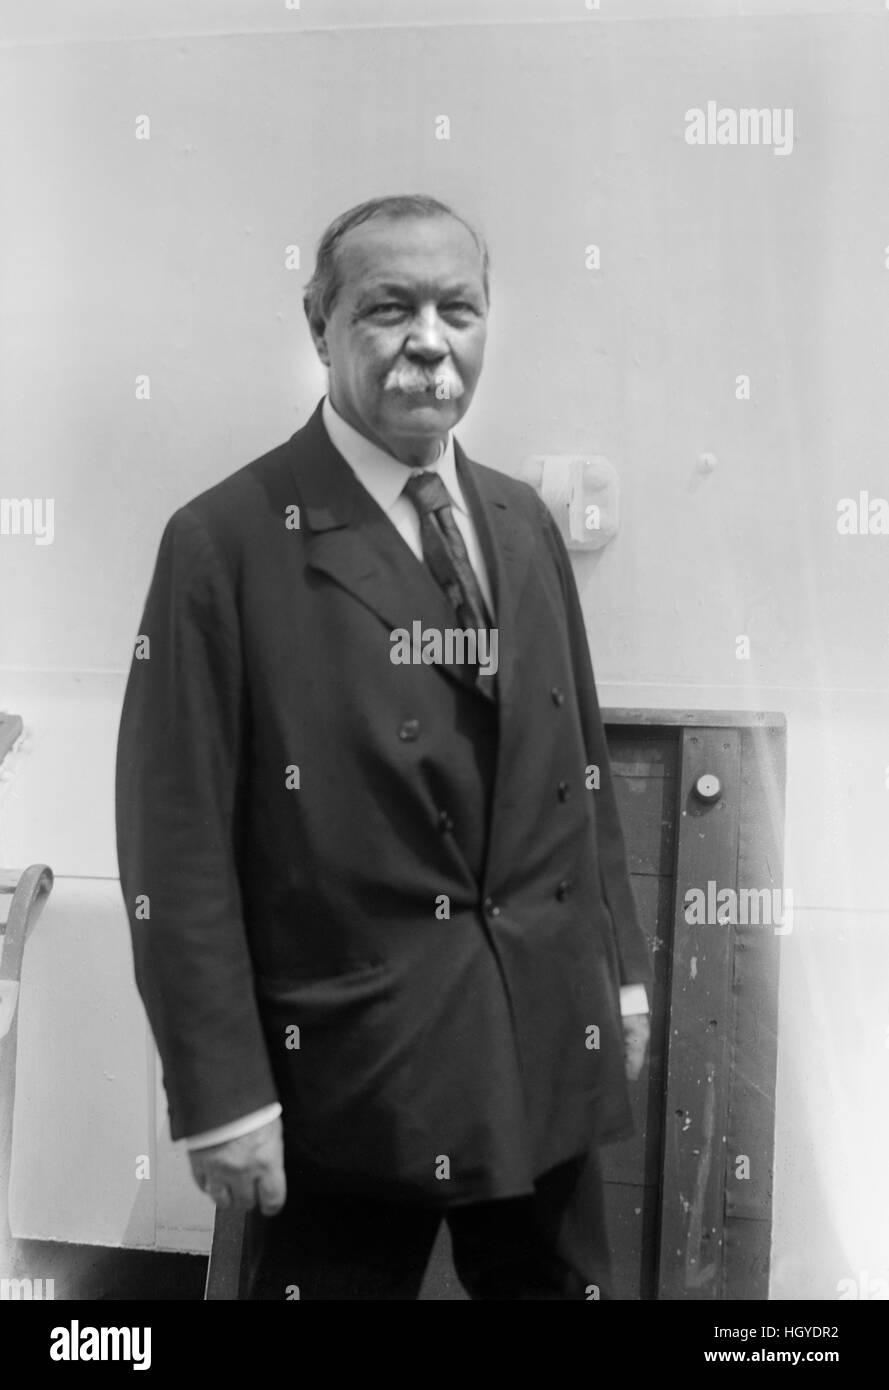 Sir Arthur Conan Doyle, Portrait, Bain News Service, February 1930 - Stock Image